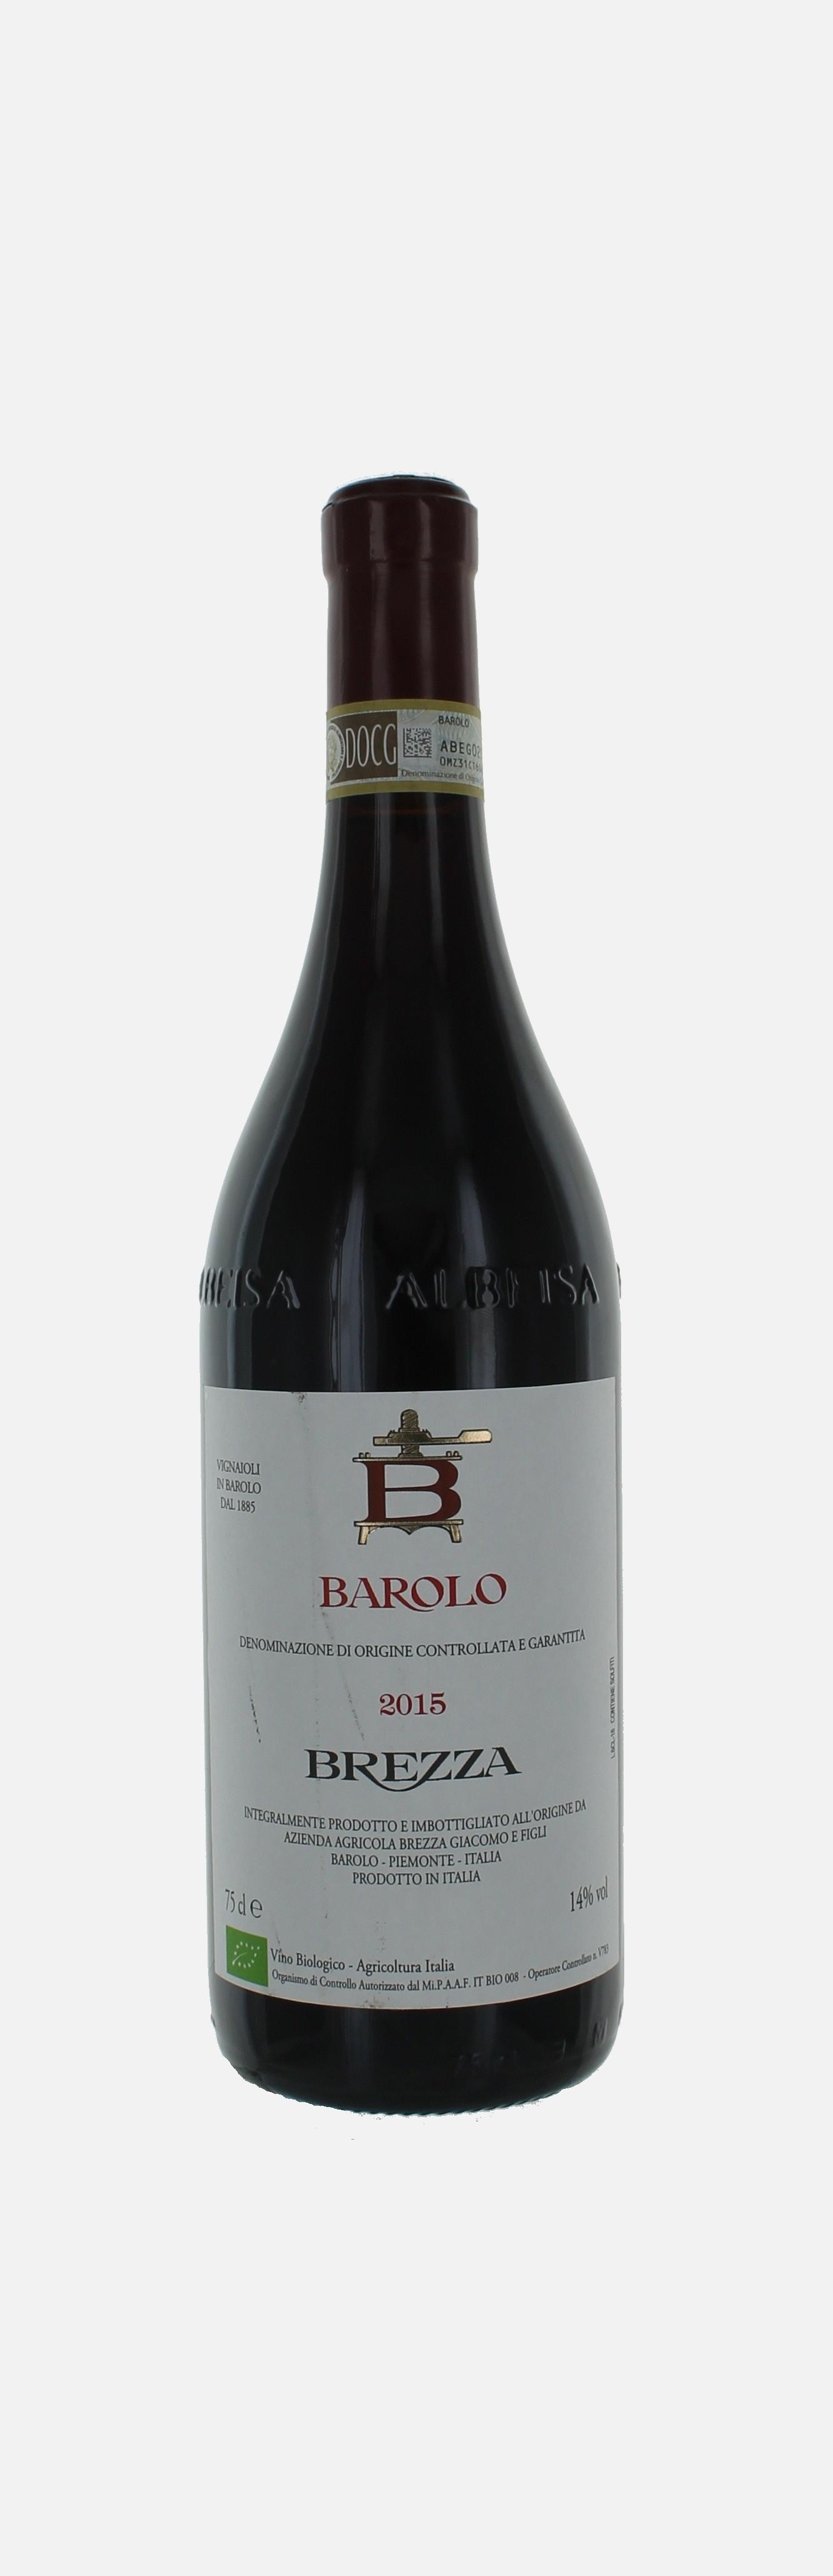 Barolo, Brezza